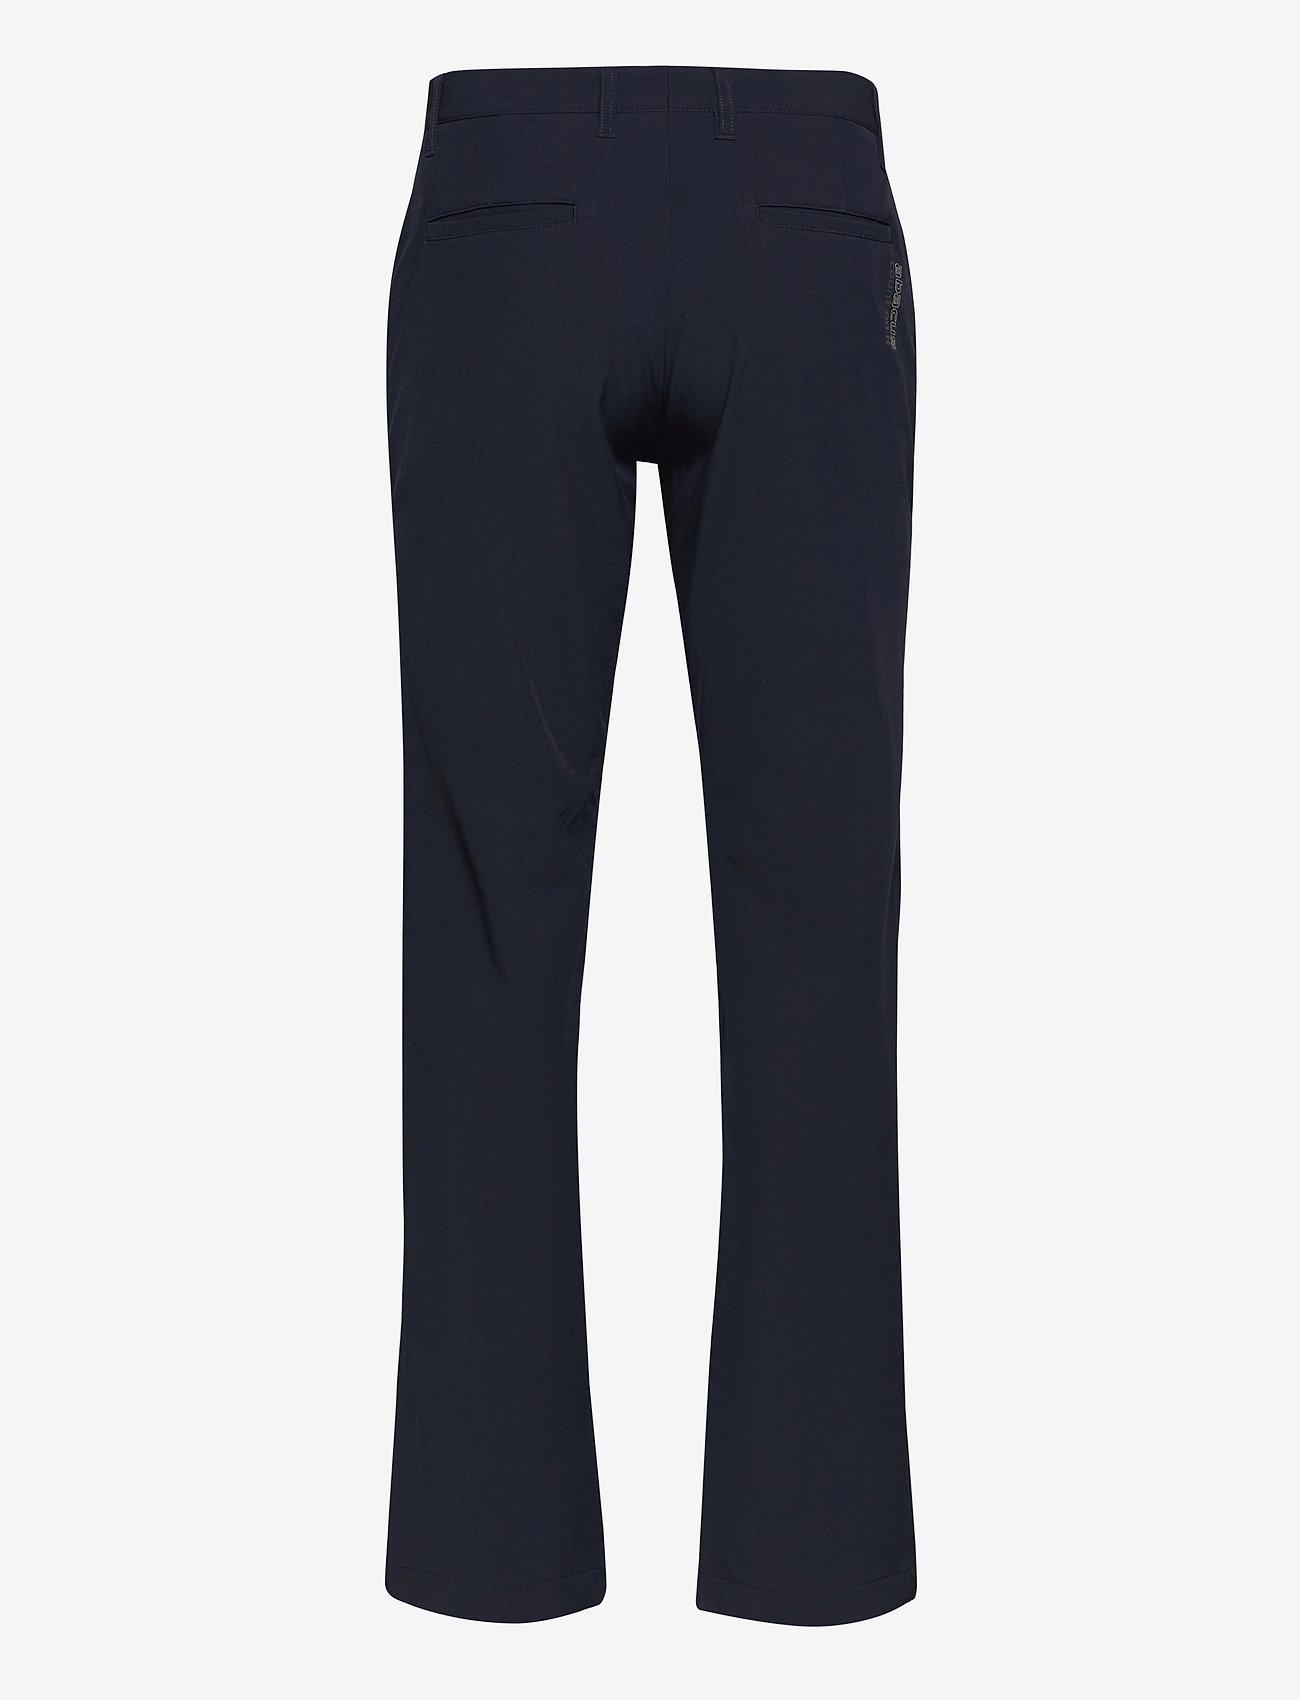 Abacus - Mens Robin trousers - golfbroeken - navy - 1